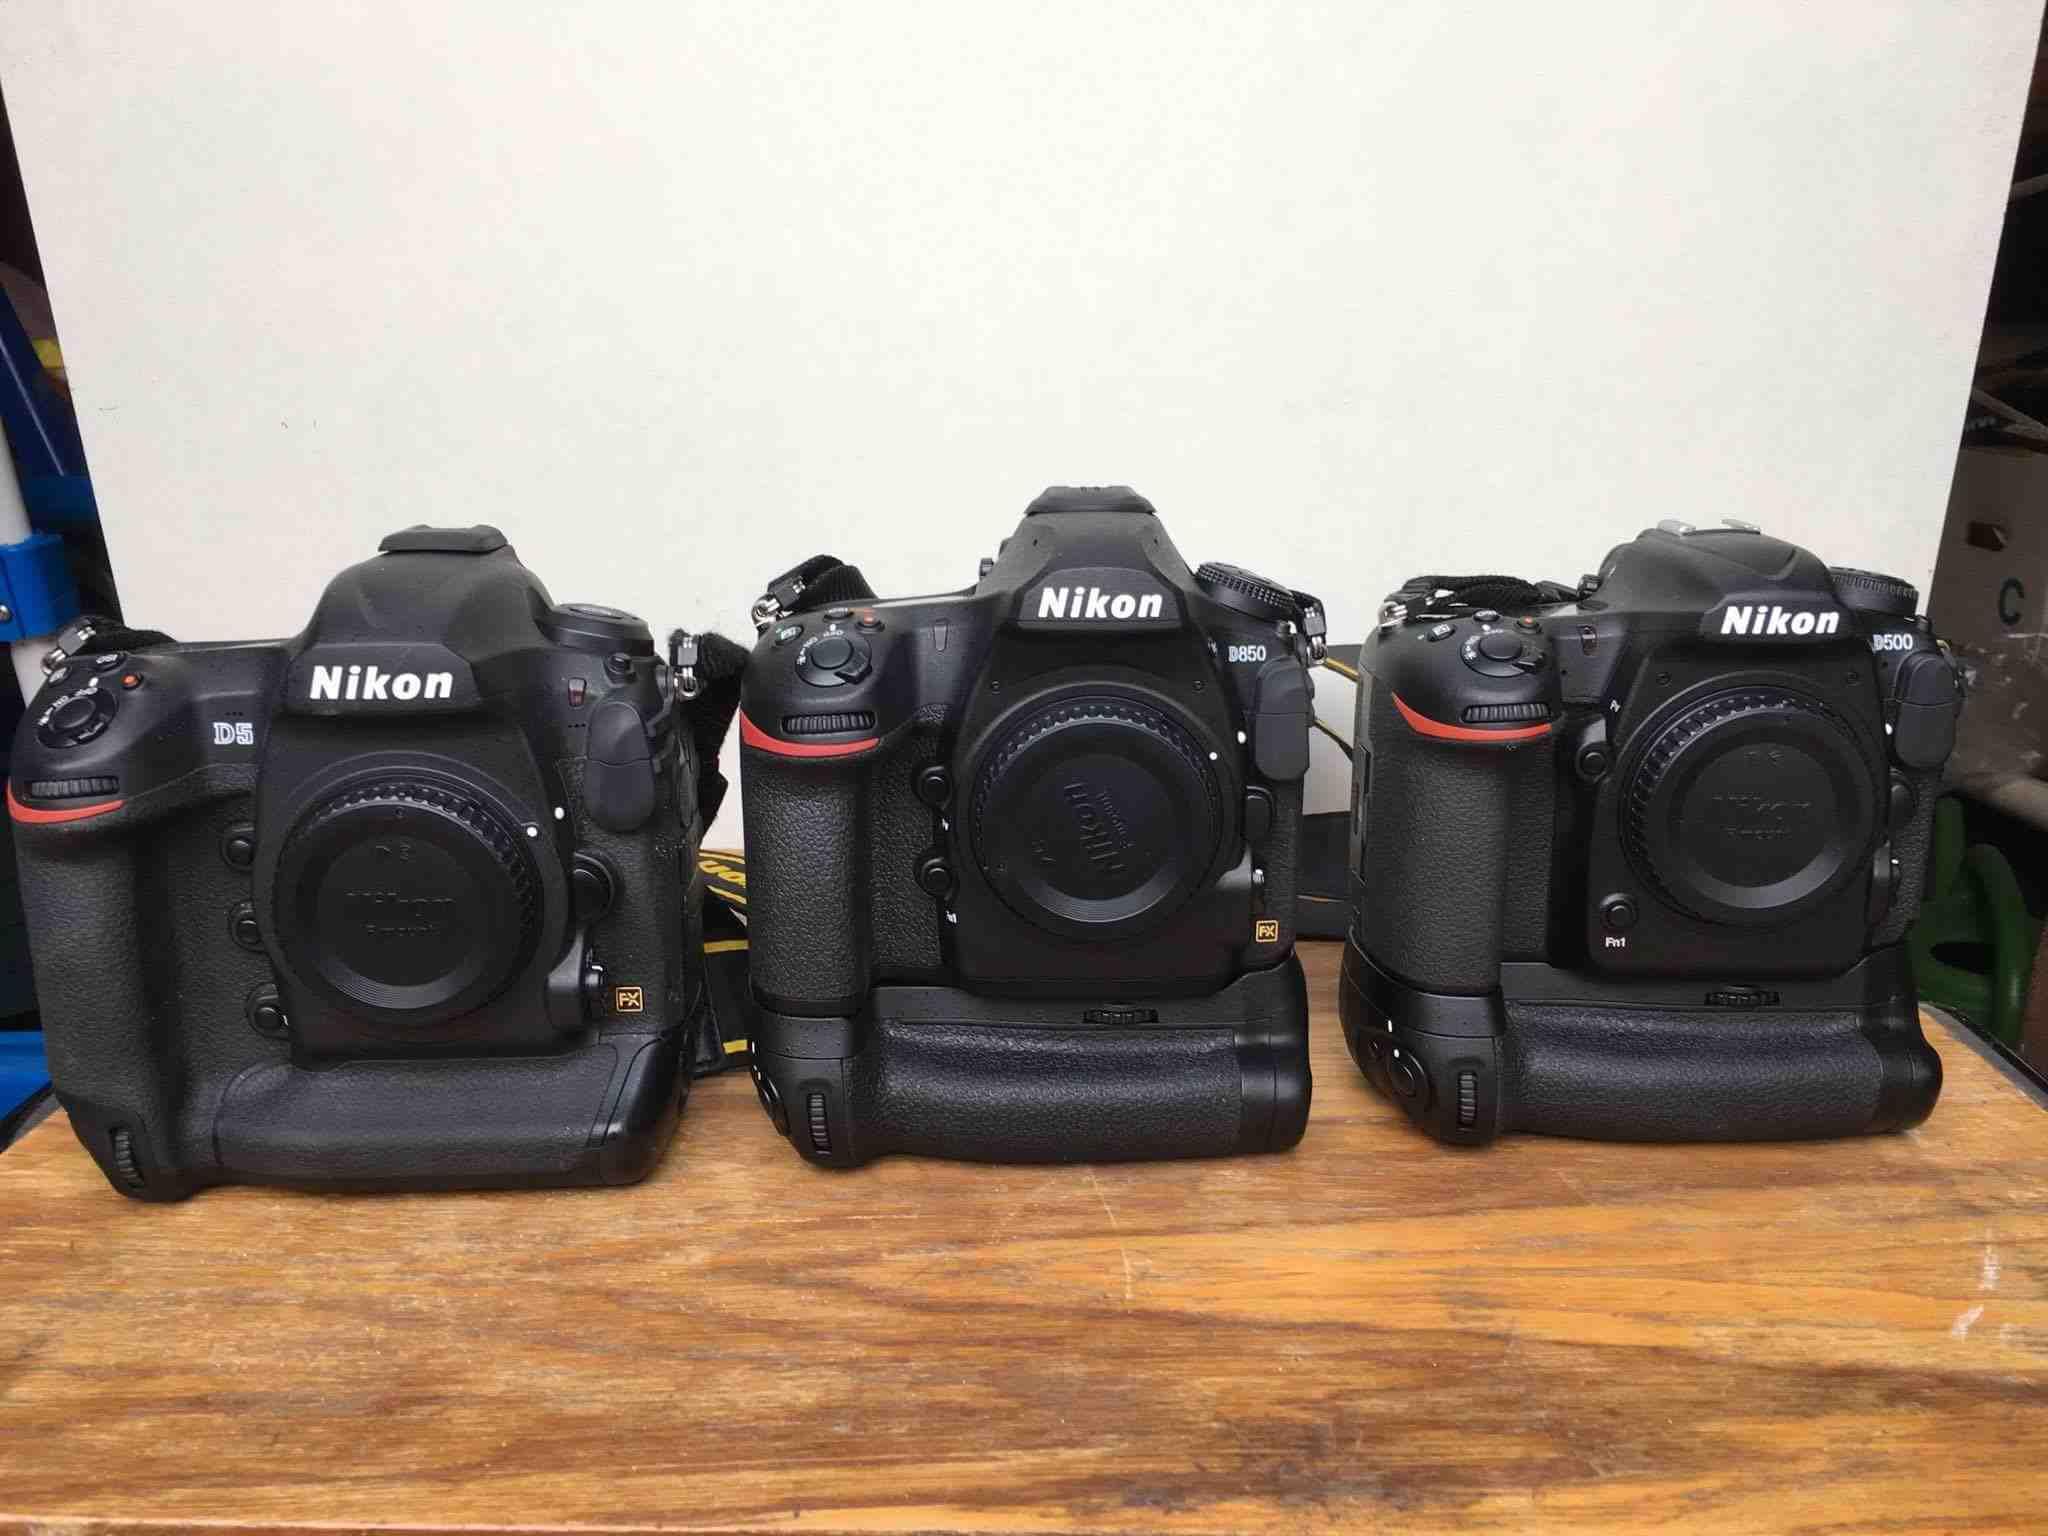 Nikon D850, D500, D5